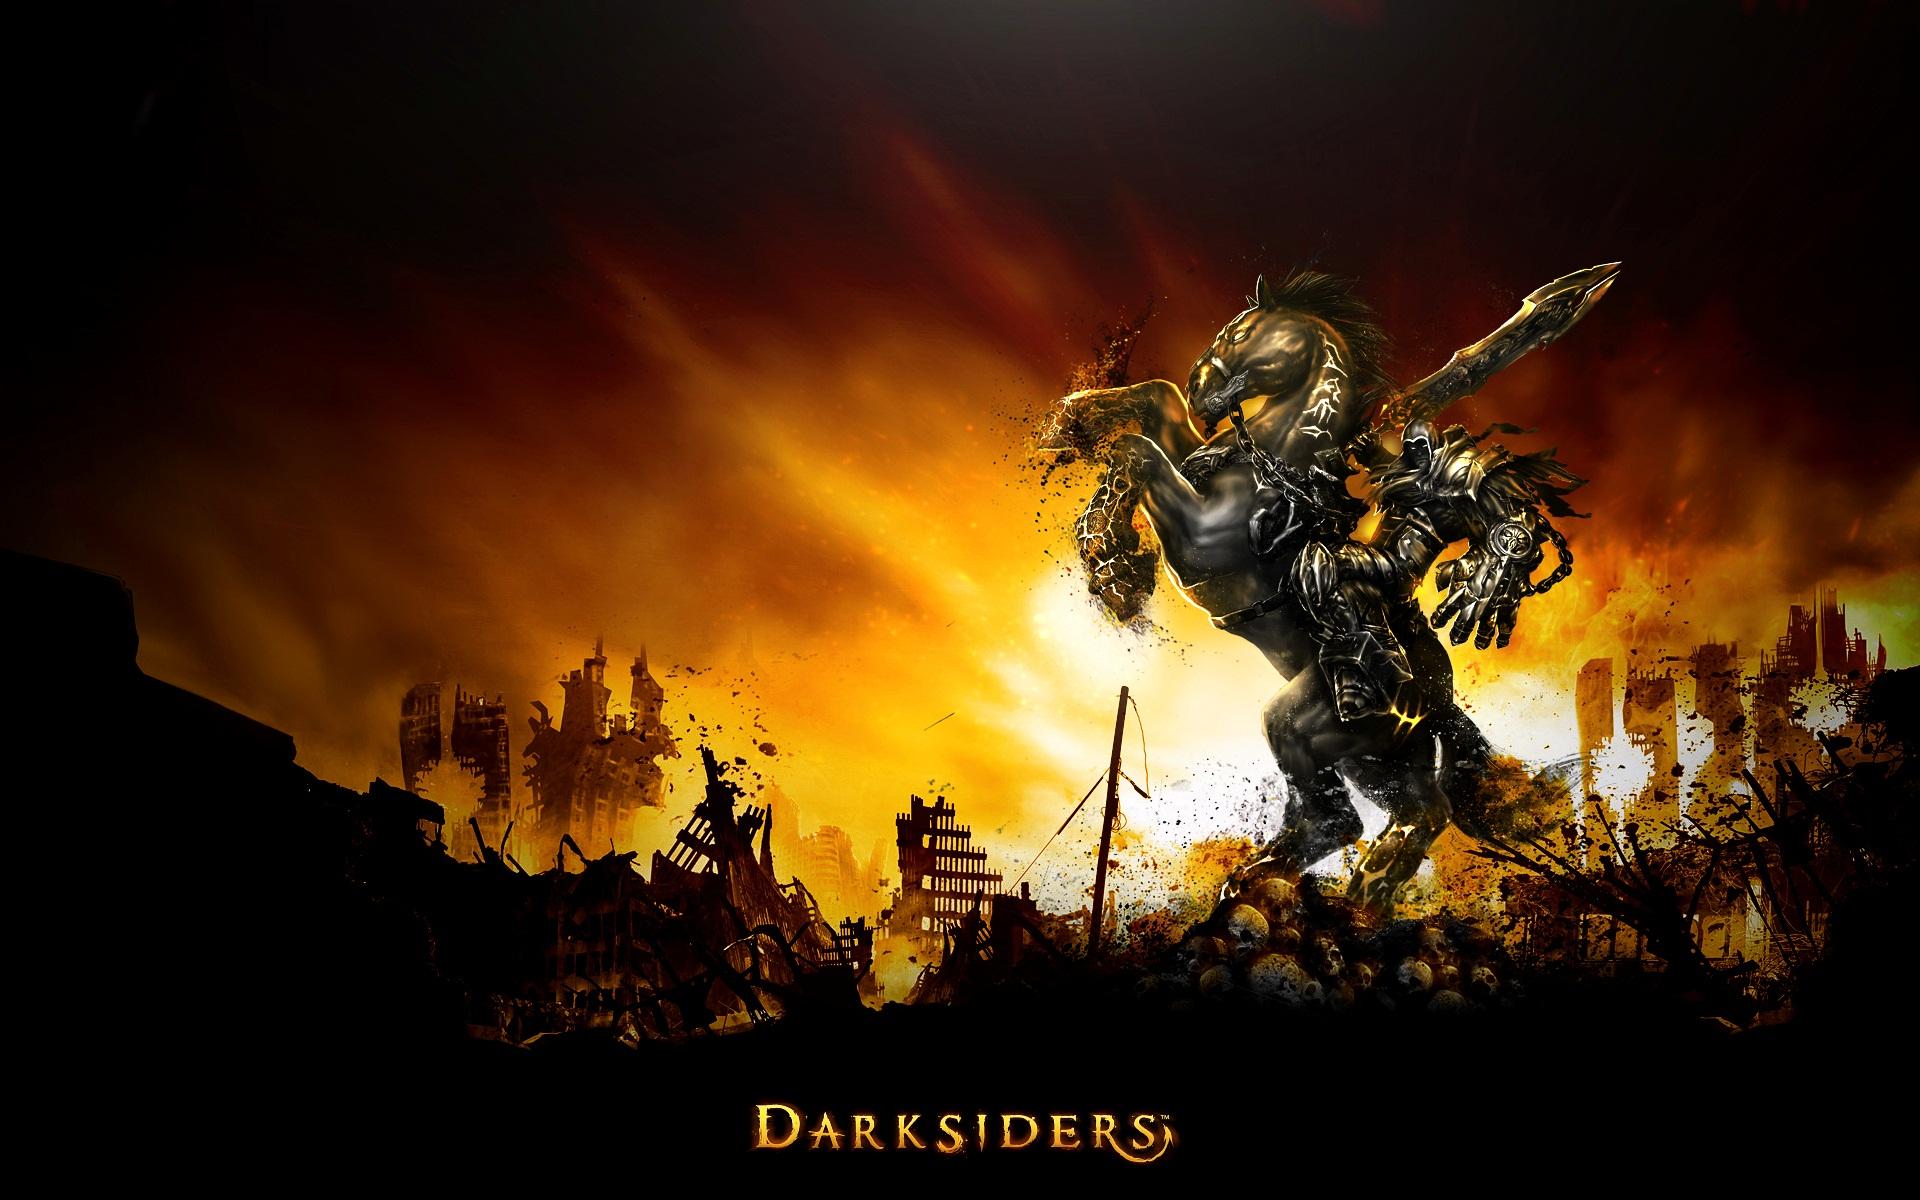 Darksiders wallpapers photos and desktop backgrounds up - Darksiders 3 wallpaper ...